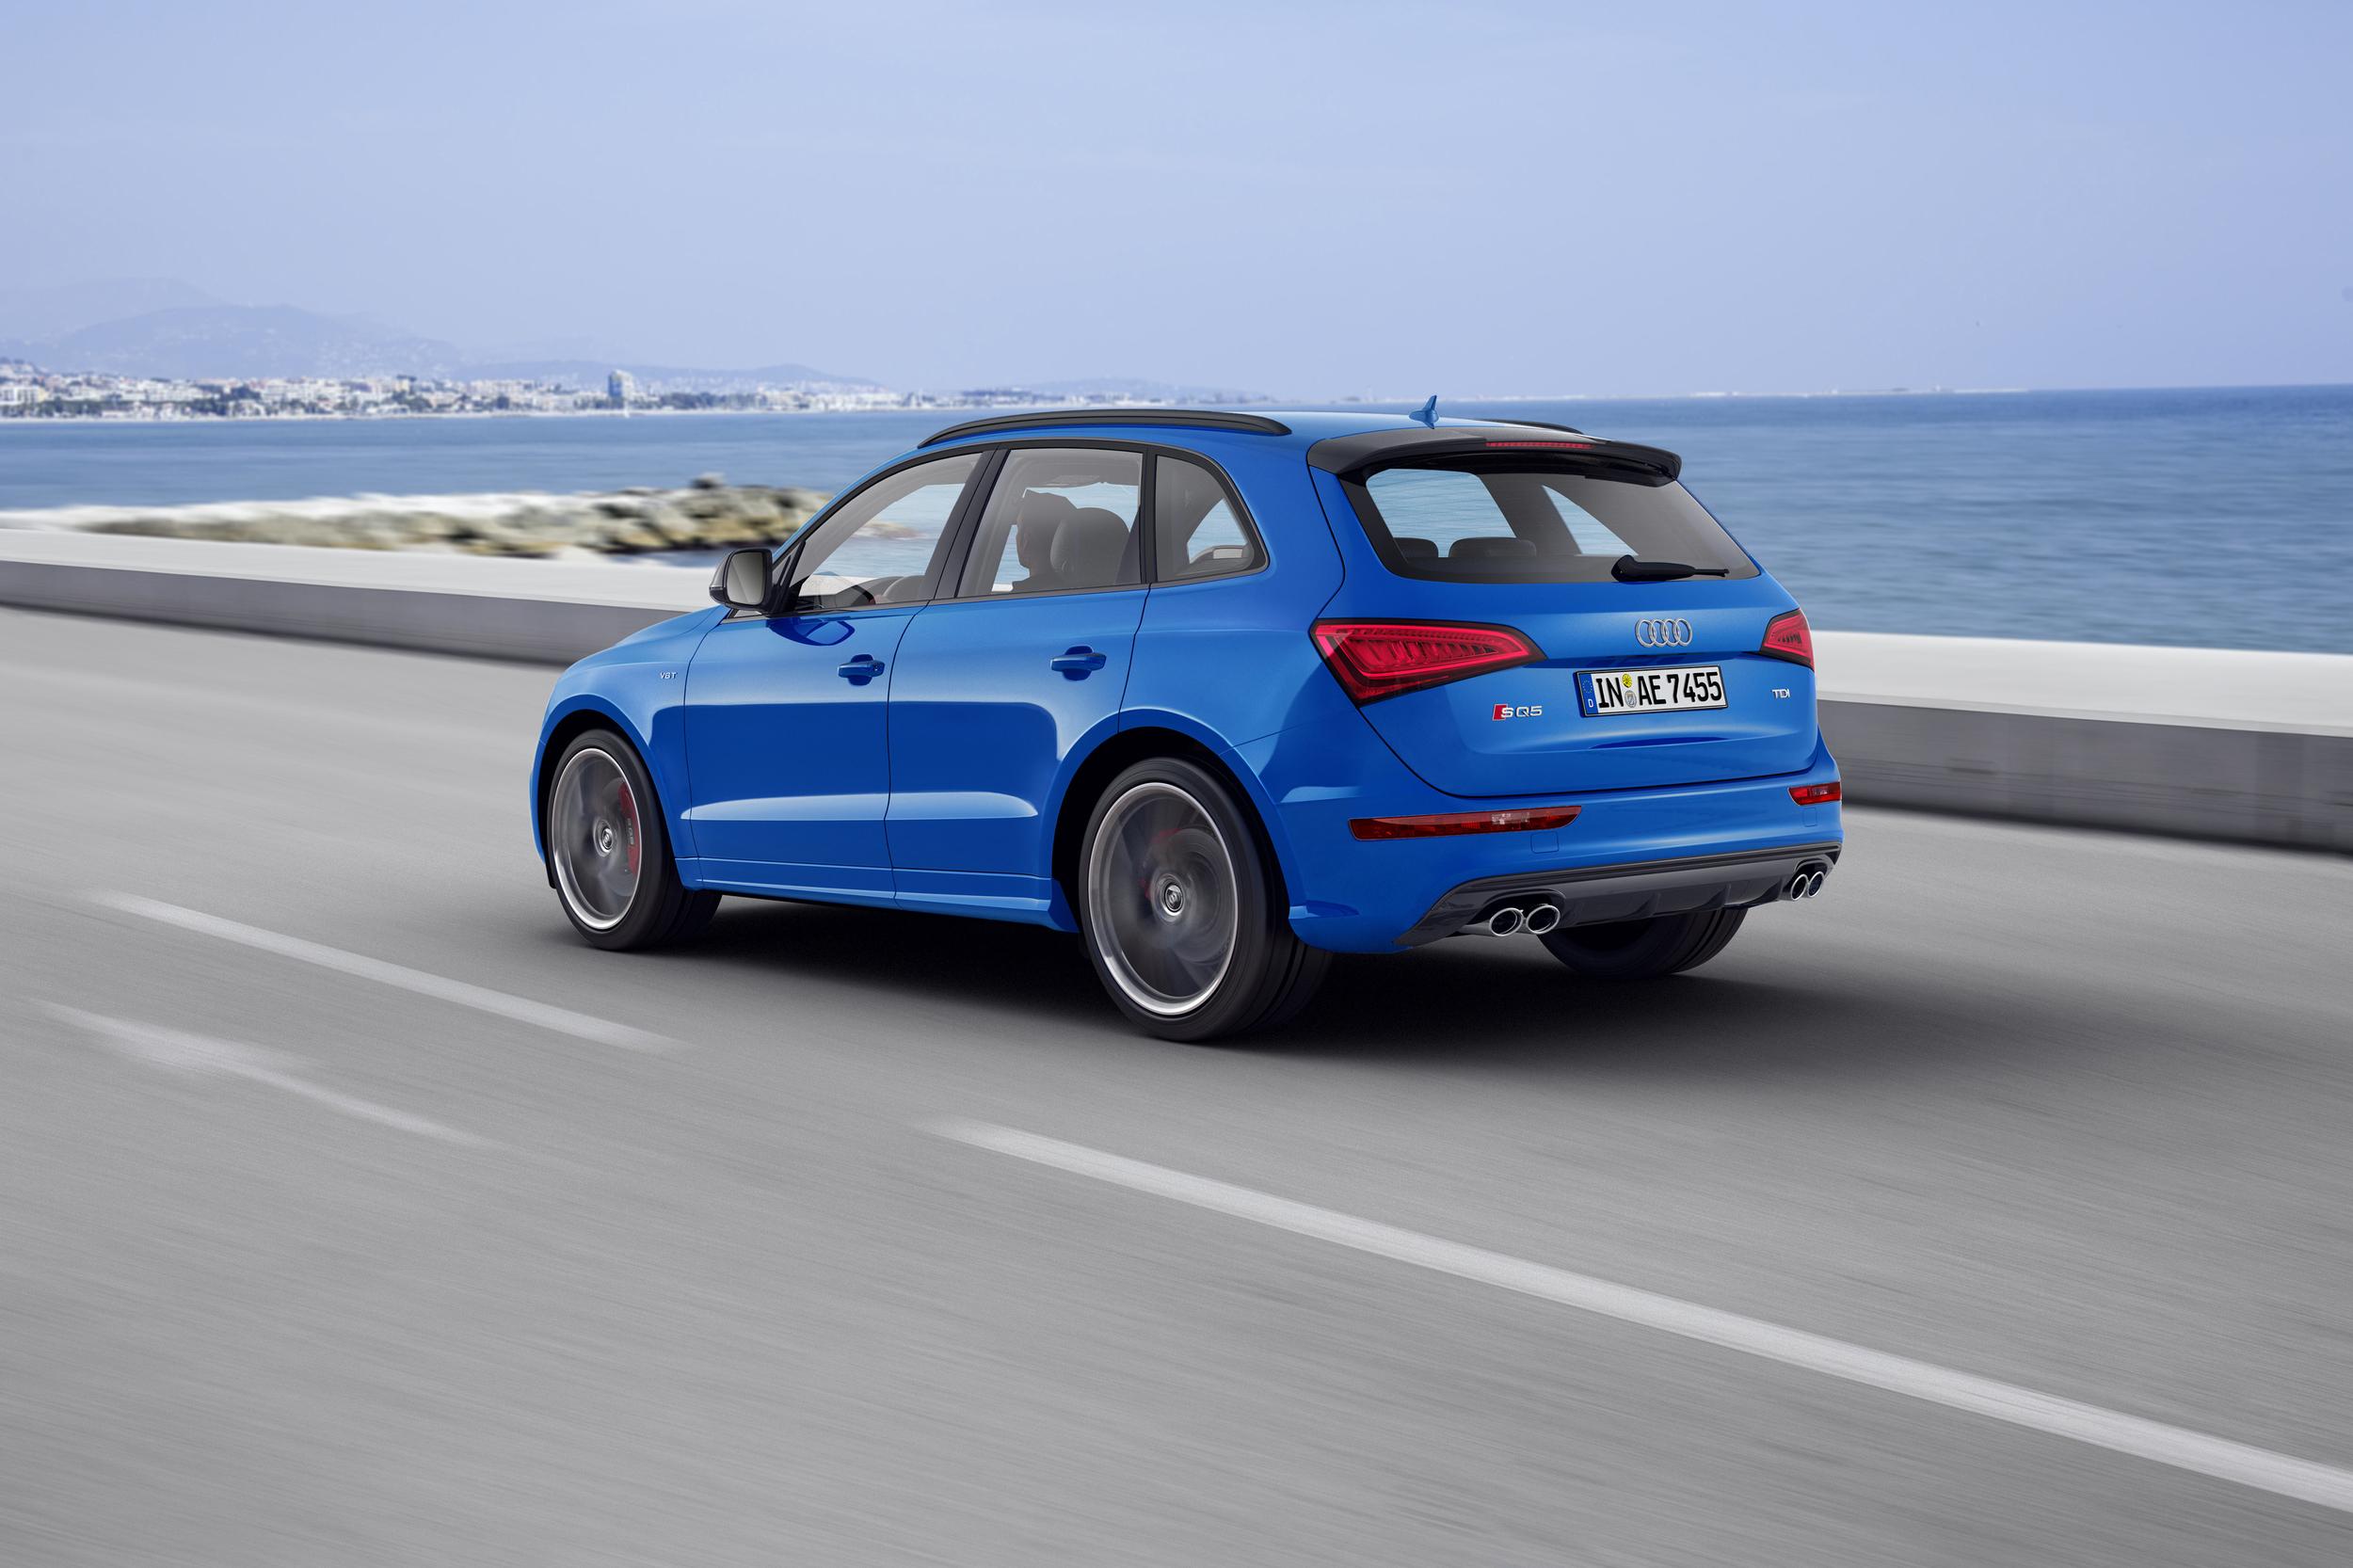 2016 Audi SQ5 TDI Plus Rear Side Exterior